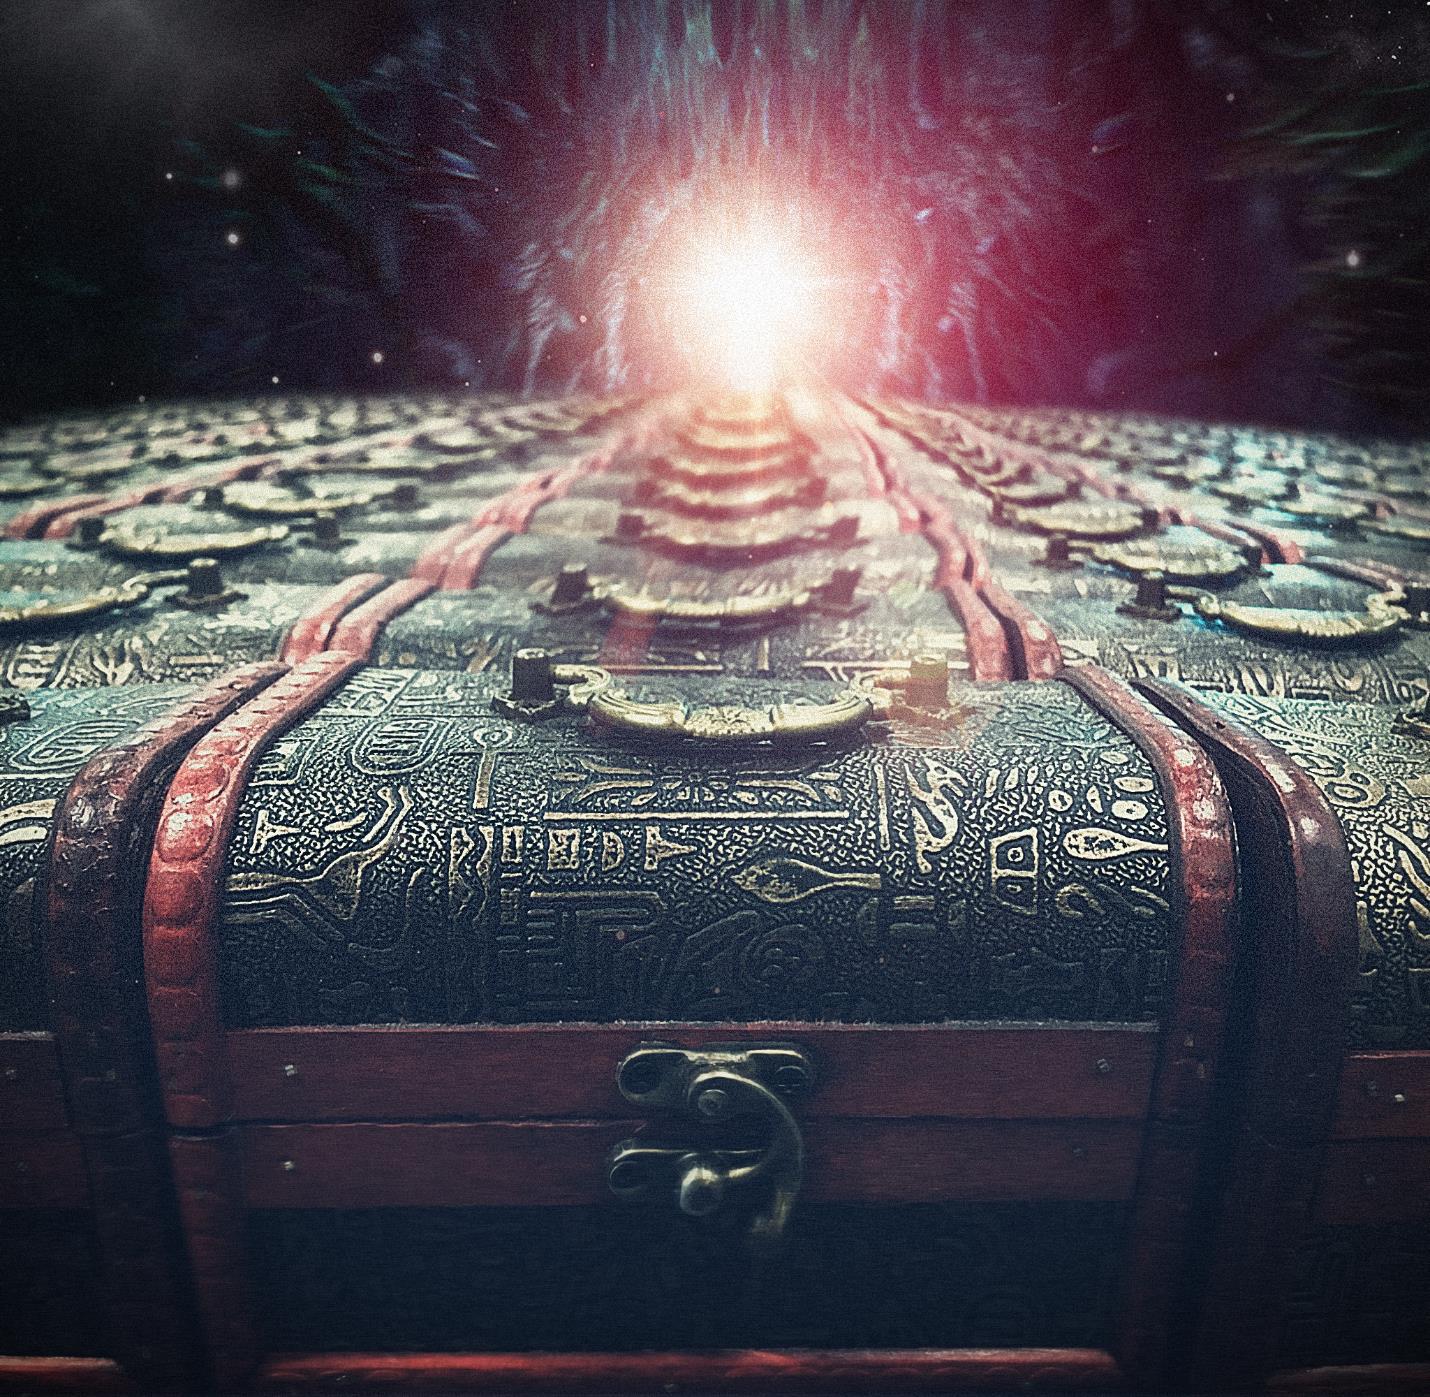 Bom tấn nhập vai thế giới mở Đạo Mộ Ký Mobile chuẩn bị họp báo ra mắt tại TP.HCM ngày 28/12 - Ảnh 4.